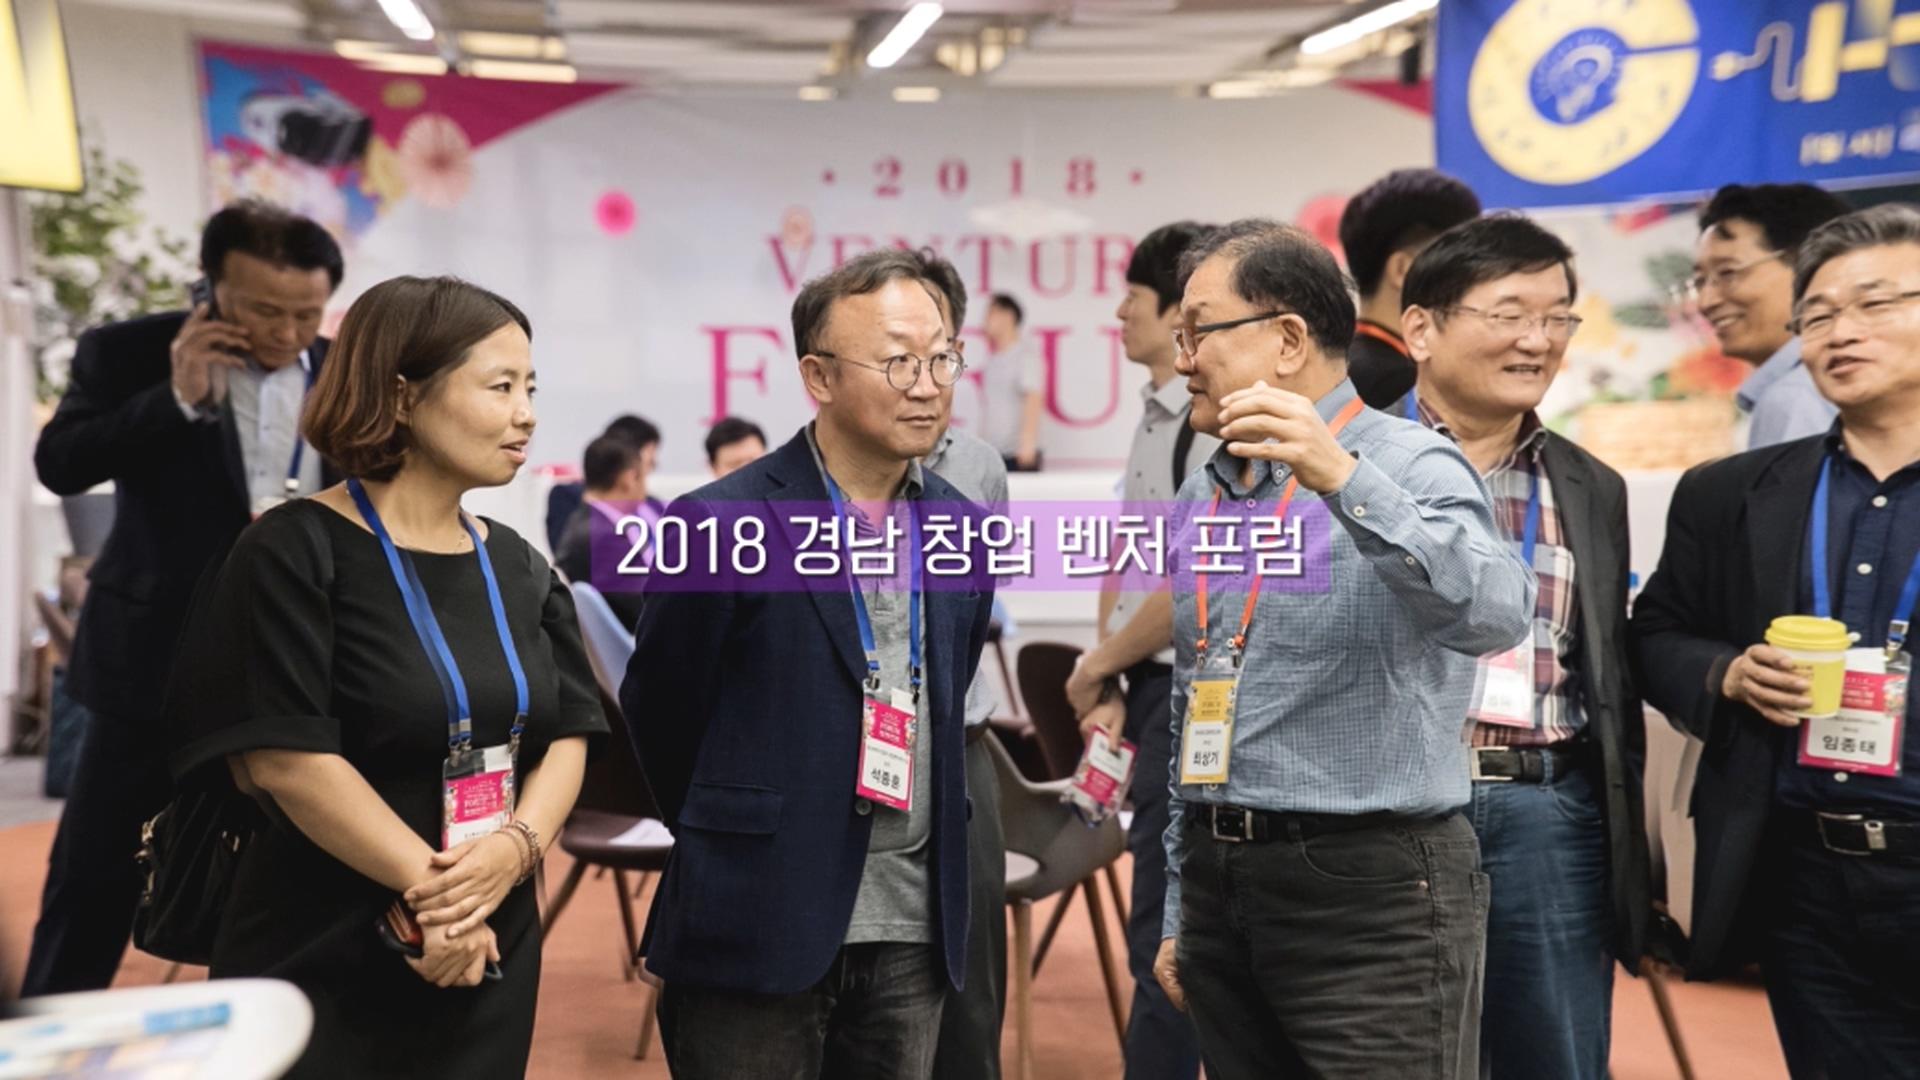 경남창업벤처포럼 인스타용.mp4_20180911_223456.339.jpg